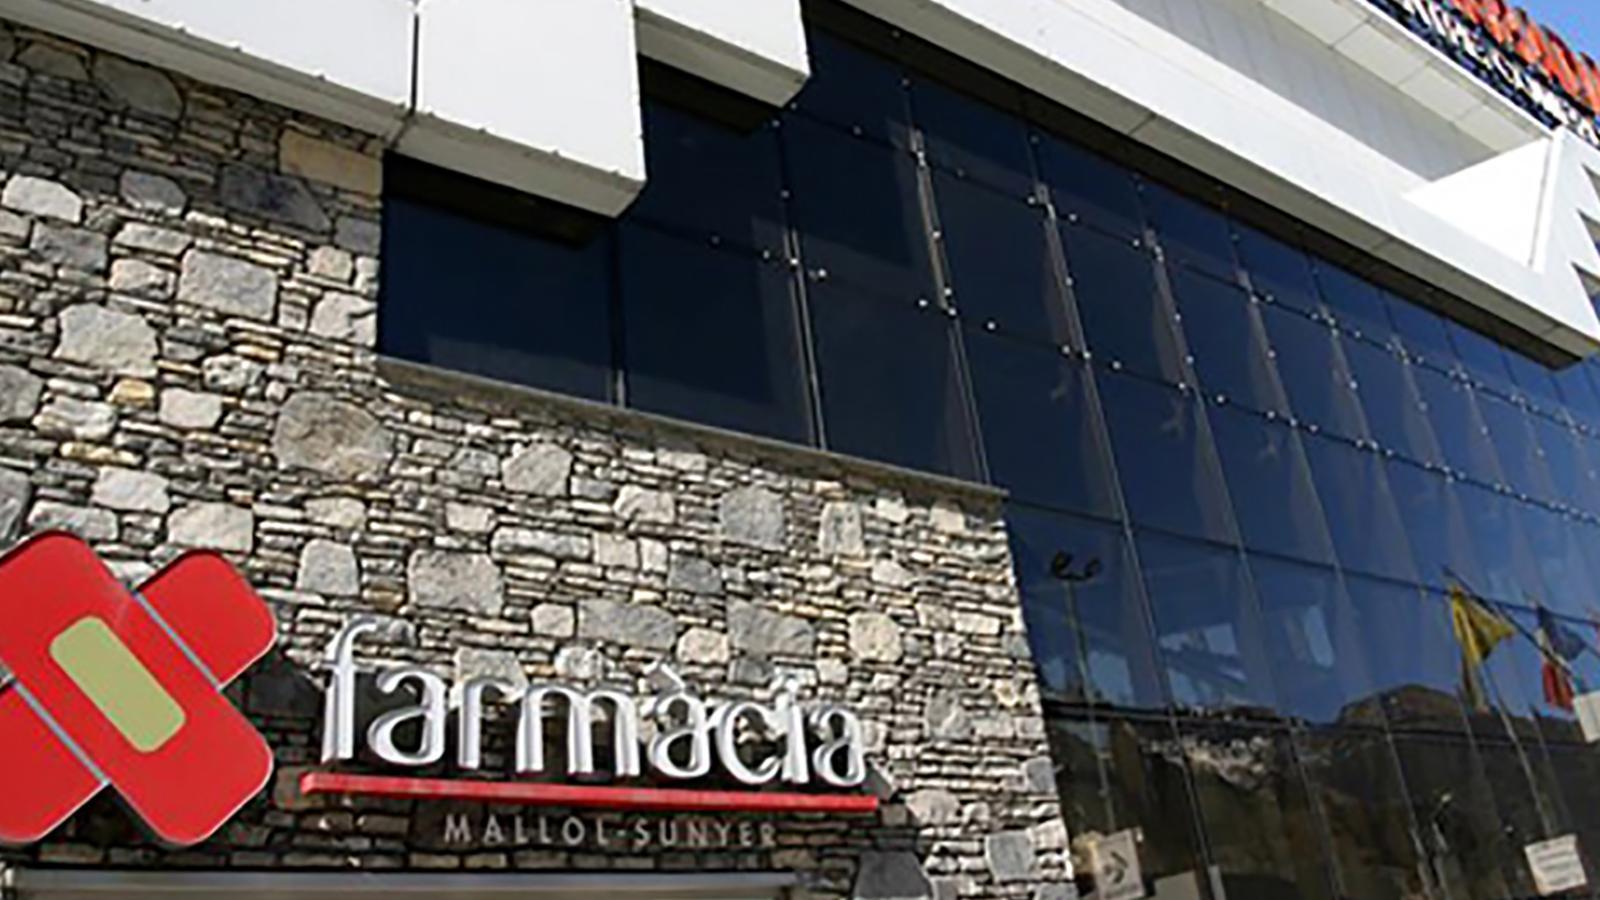 Façana del centre comercial E.Leclerc-Punt de Trobada. / PUNT DE TROBADA